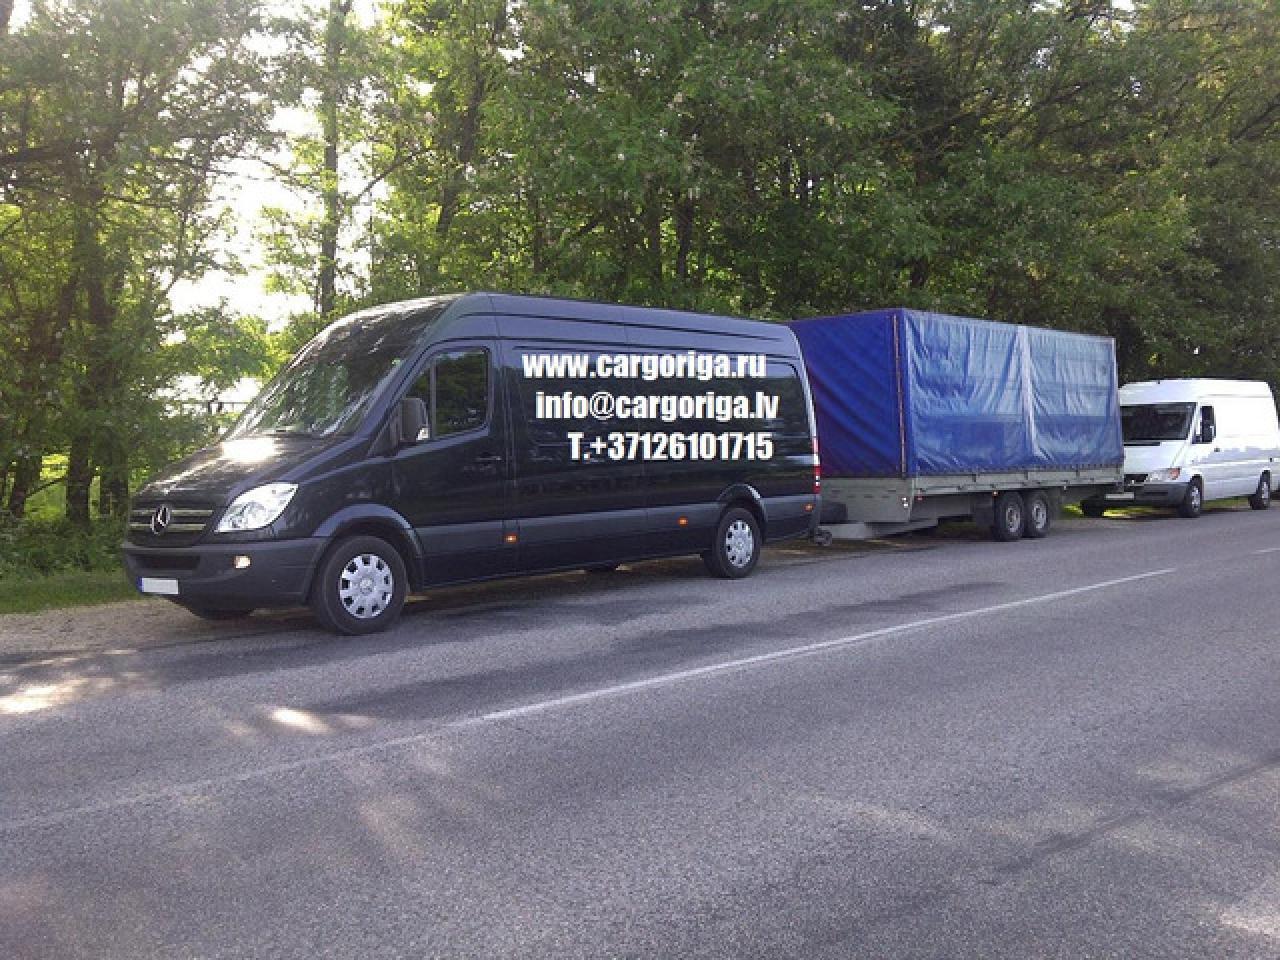 Перевозка личных вещей мебели из Англии в Россию и из России Европы в Англию Лондон - 2